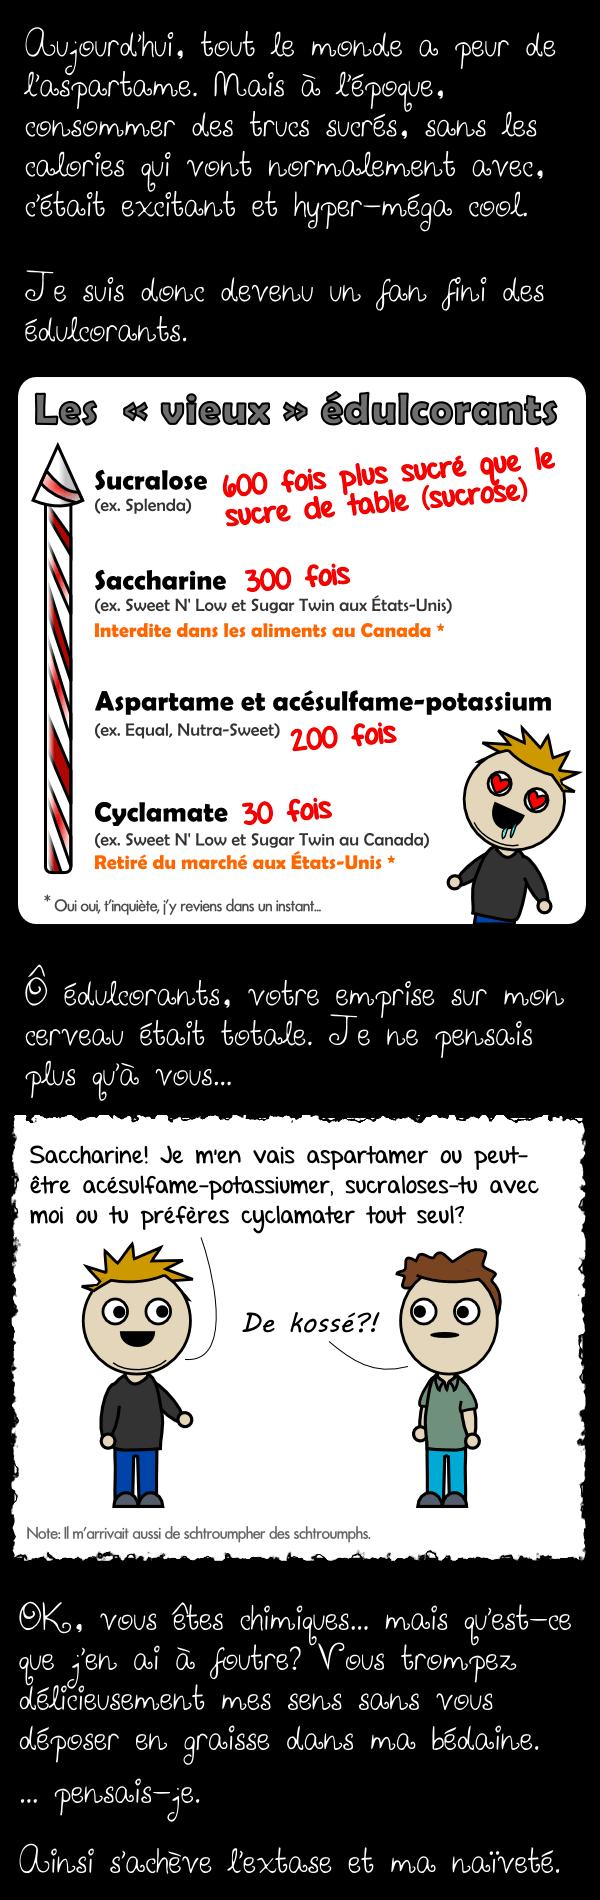 Les vieux édulcorants : aspartame , sucralose , cyalamate , saccharine , acésulfame-potassium